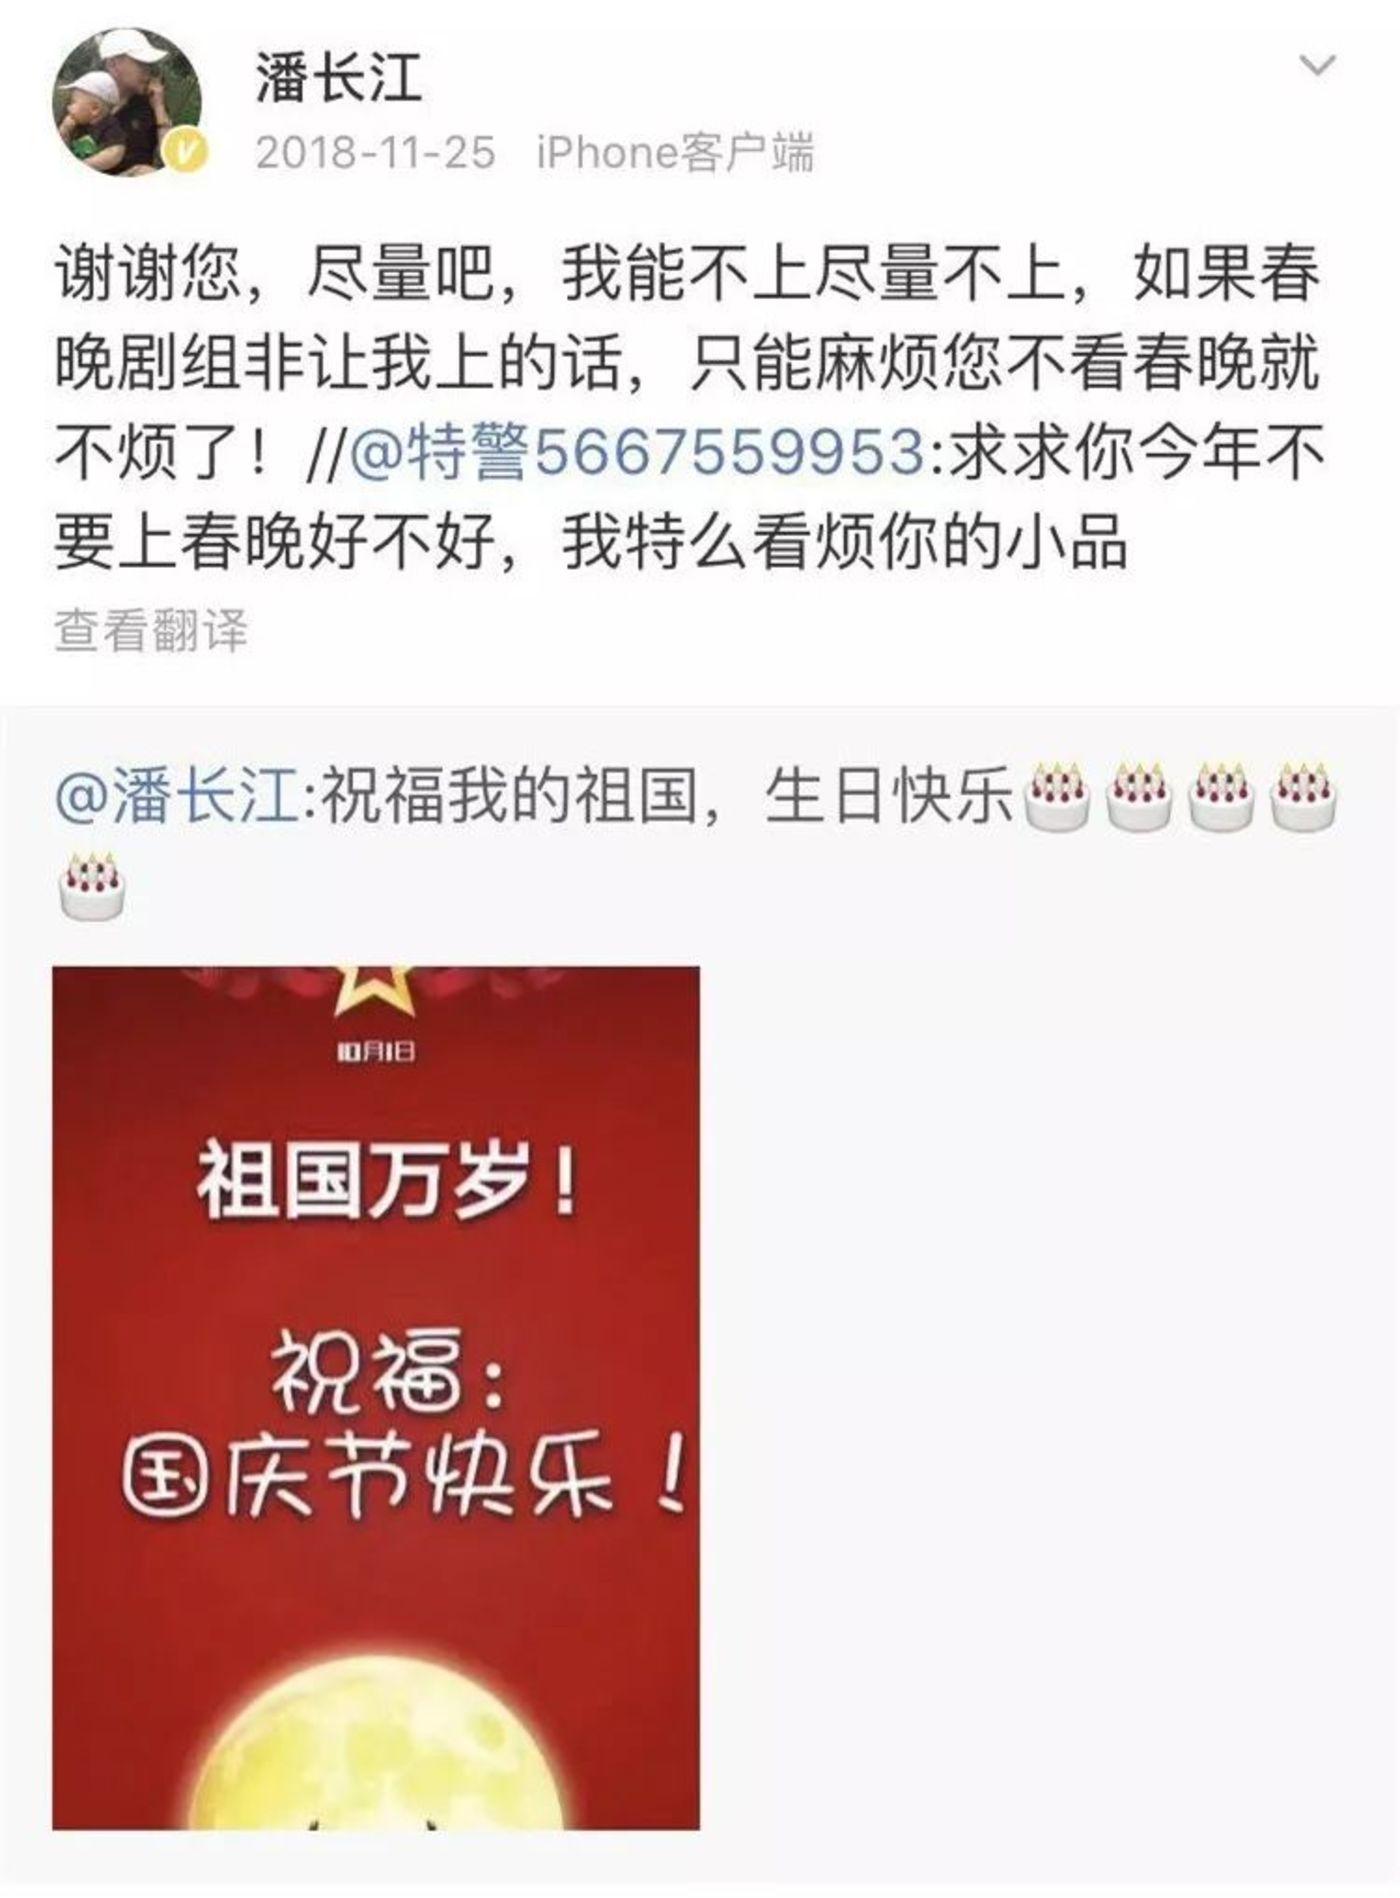 潘长江的微博